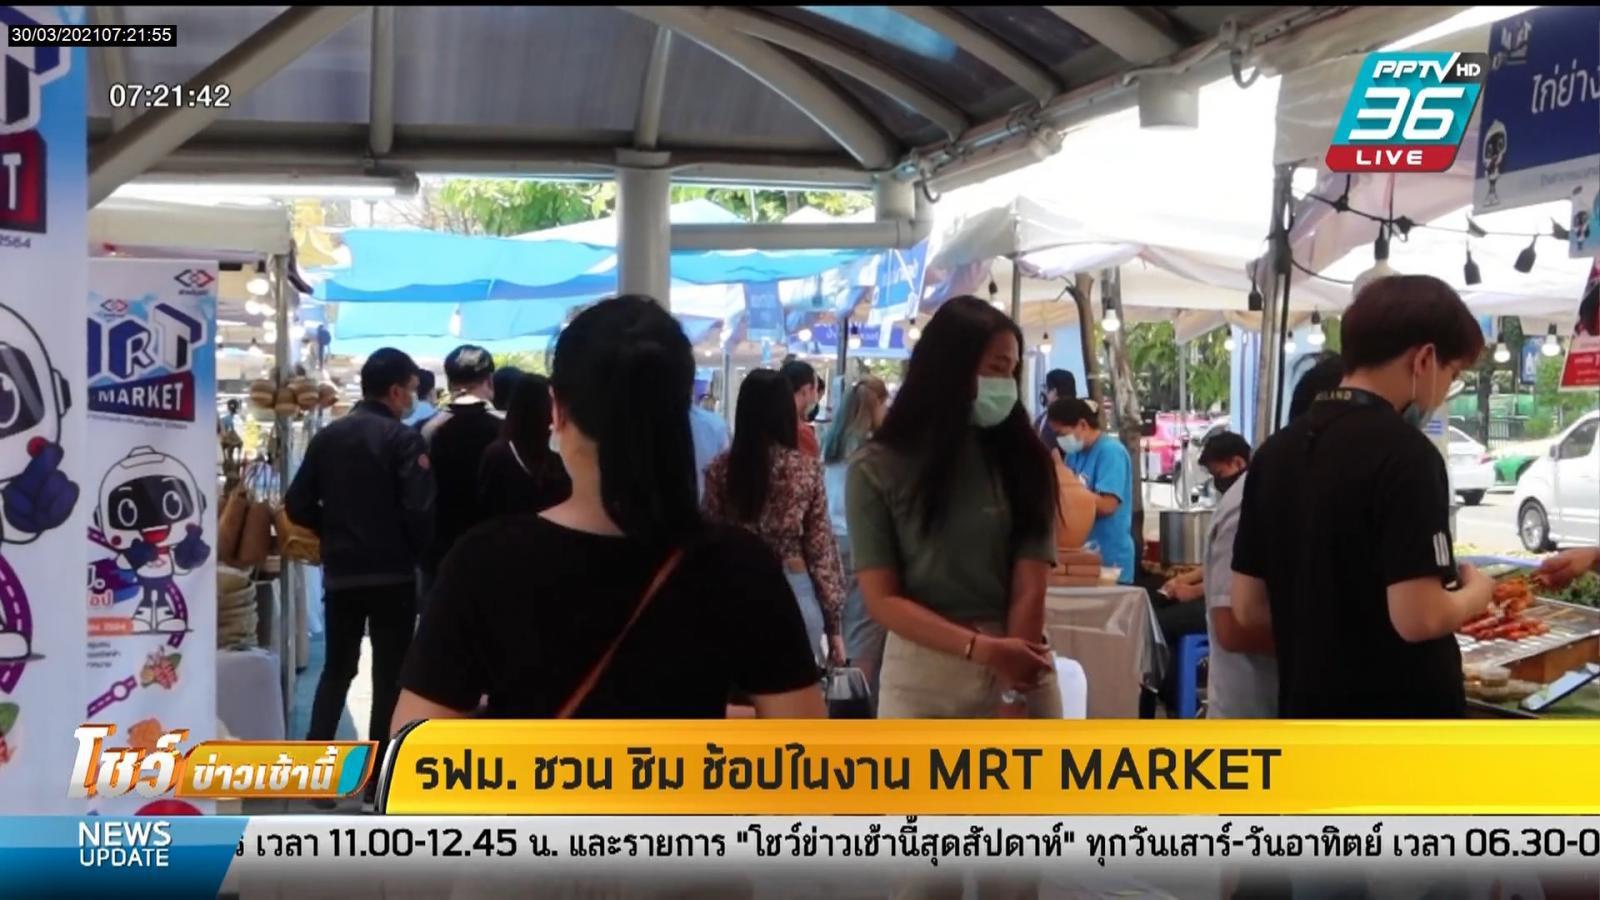 การรถไฟฟ้าขนส่งมวลชนแห่งประเทศไทย ชวน ชิม ช้อป ตลาดนัดชุมชนปี 2564